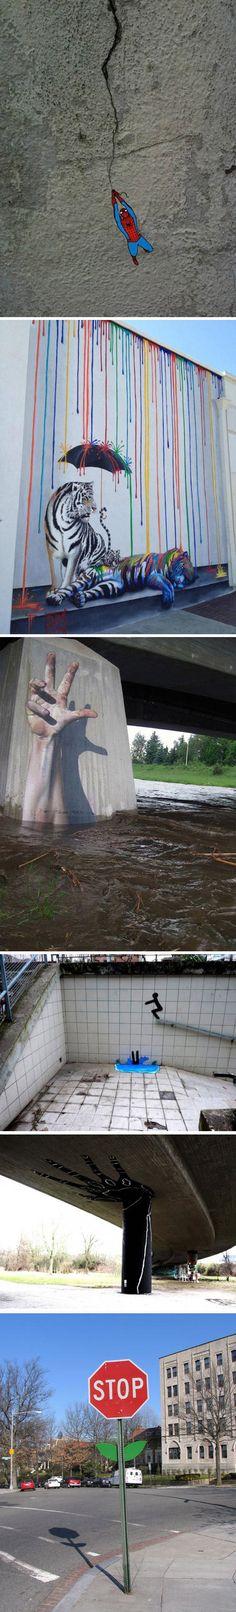 Ejemplos de Street Art